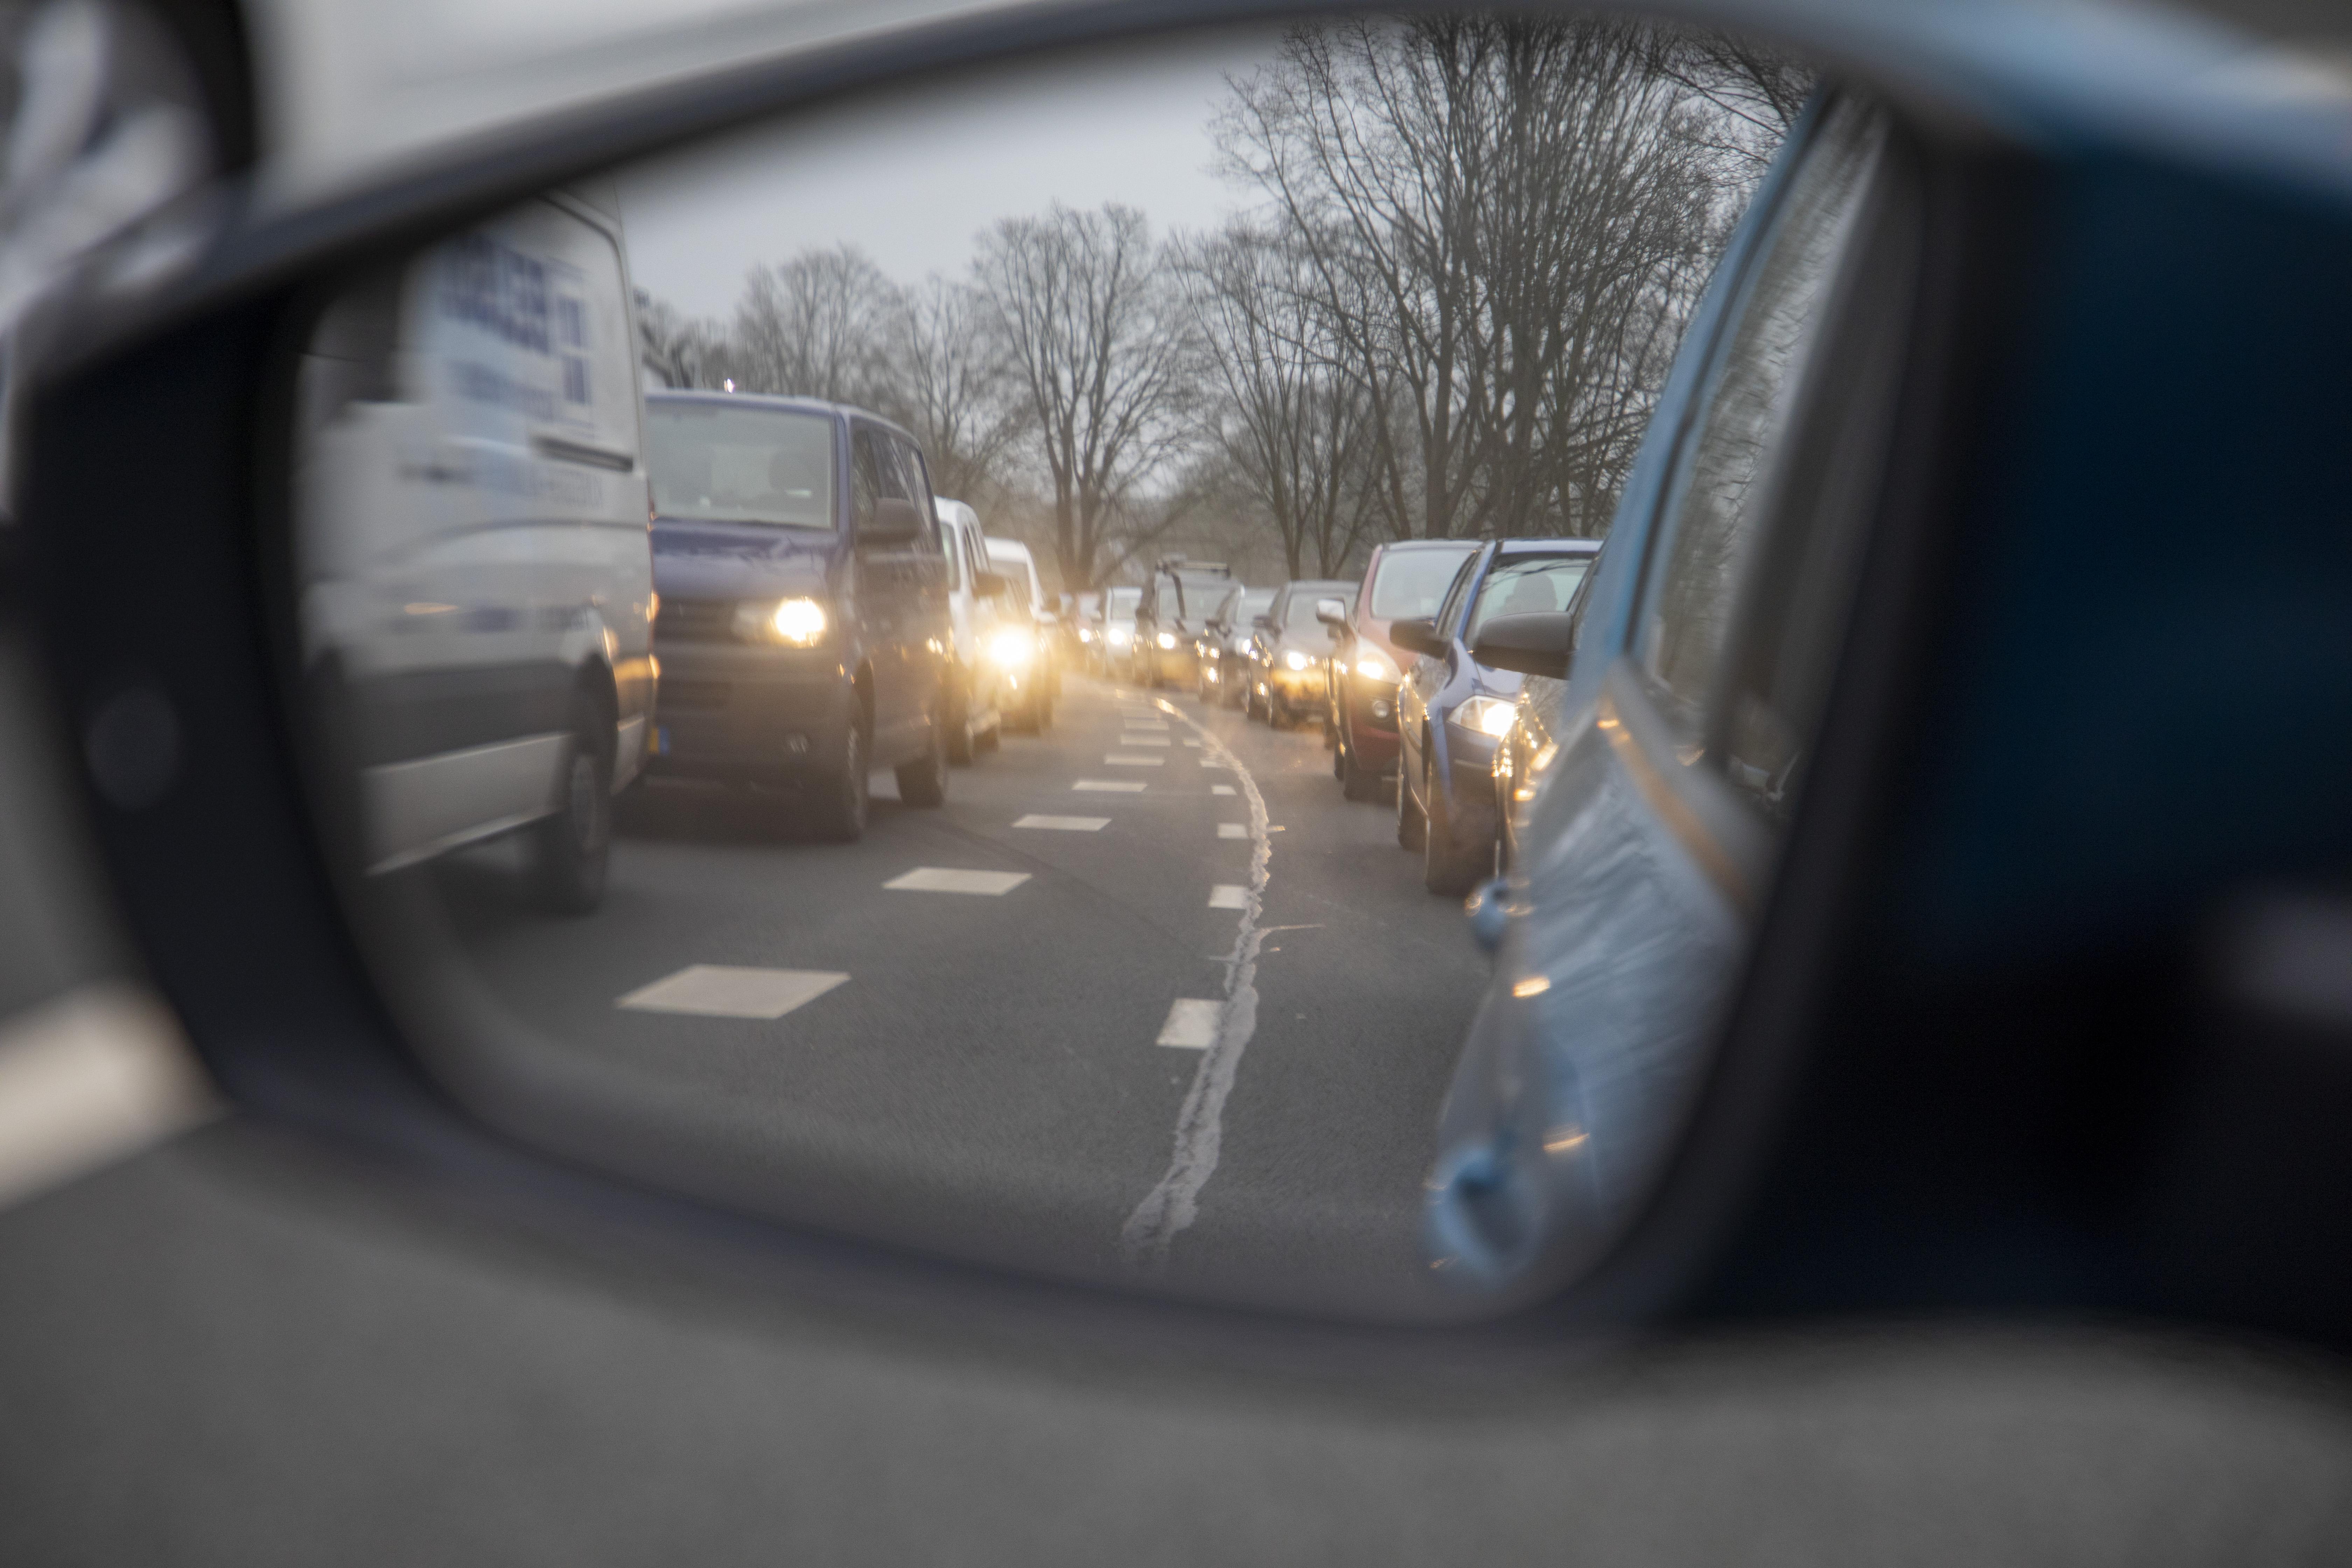 ANWB pleit voor 'filehulp' bij Velsertunnel, na zoveelste verkeerschaos door technische problemen